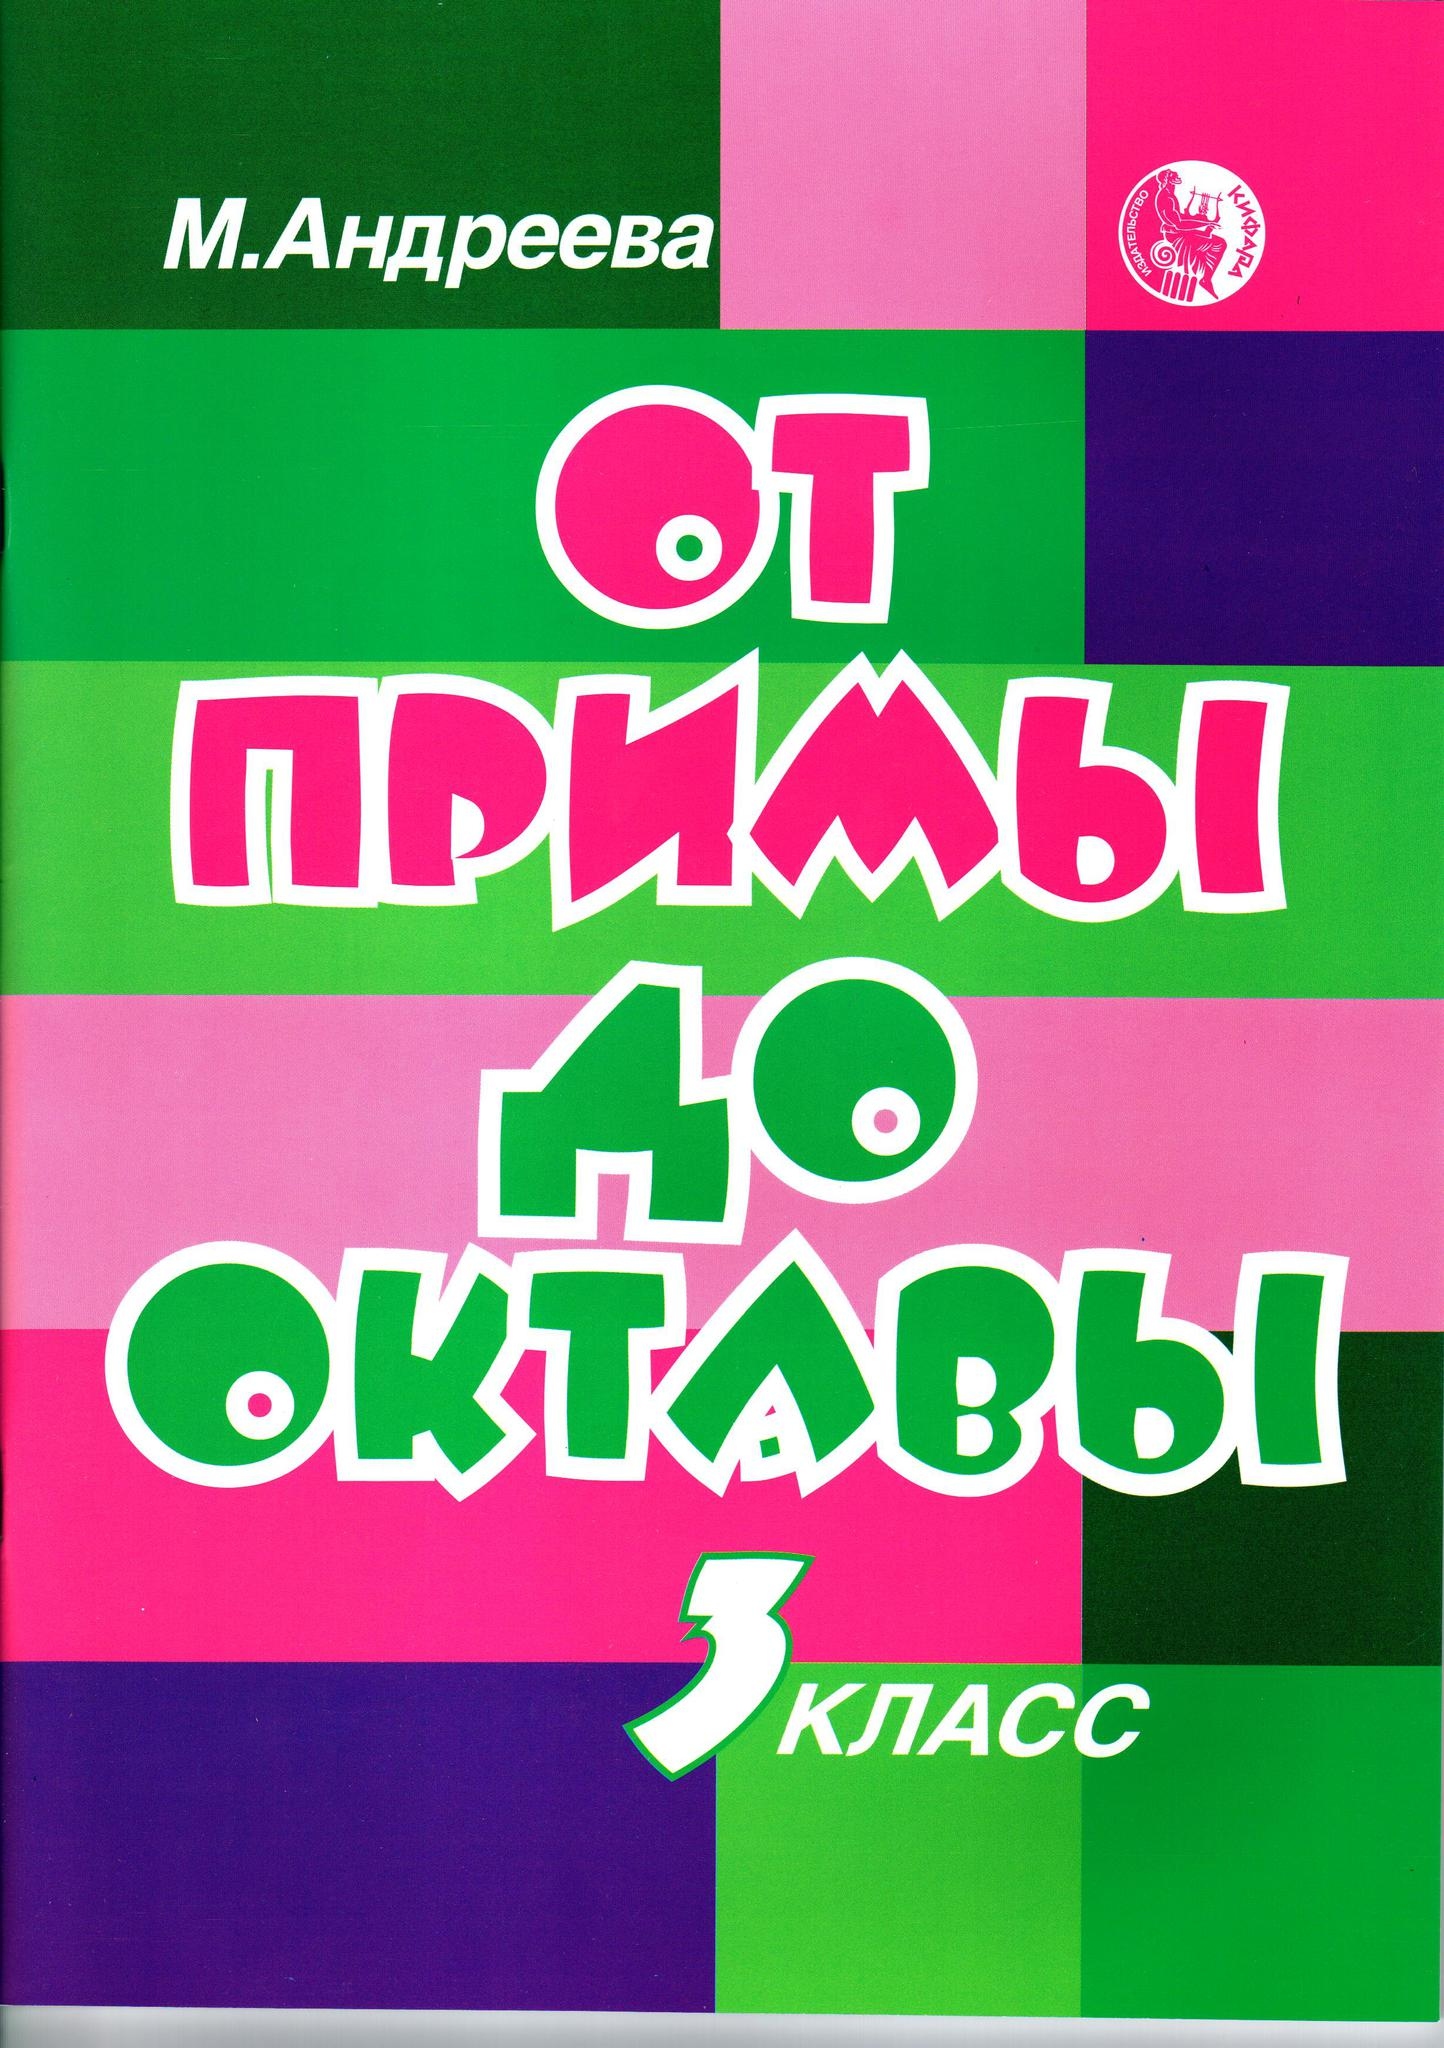 Андреева М. От примы до октавы. 3 класс. ДМШ